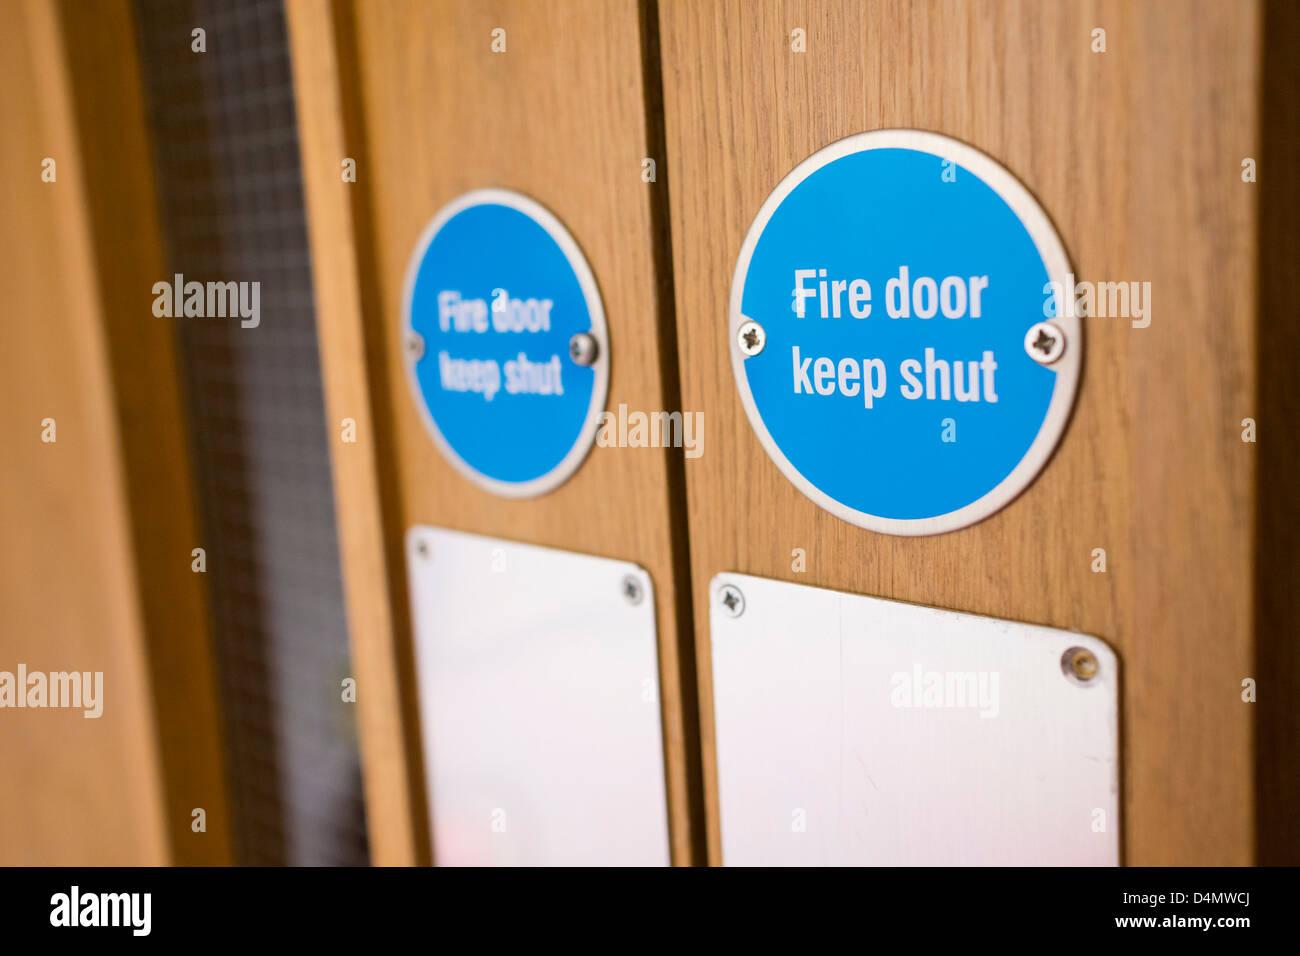 Fire Door Keep Shut Stock Photos & Fire Door Keep Shut Stock Images Fire Door Keep Shut Location on